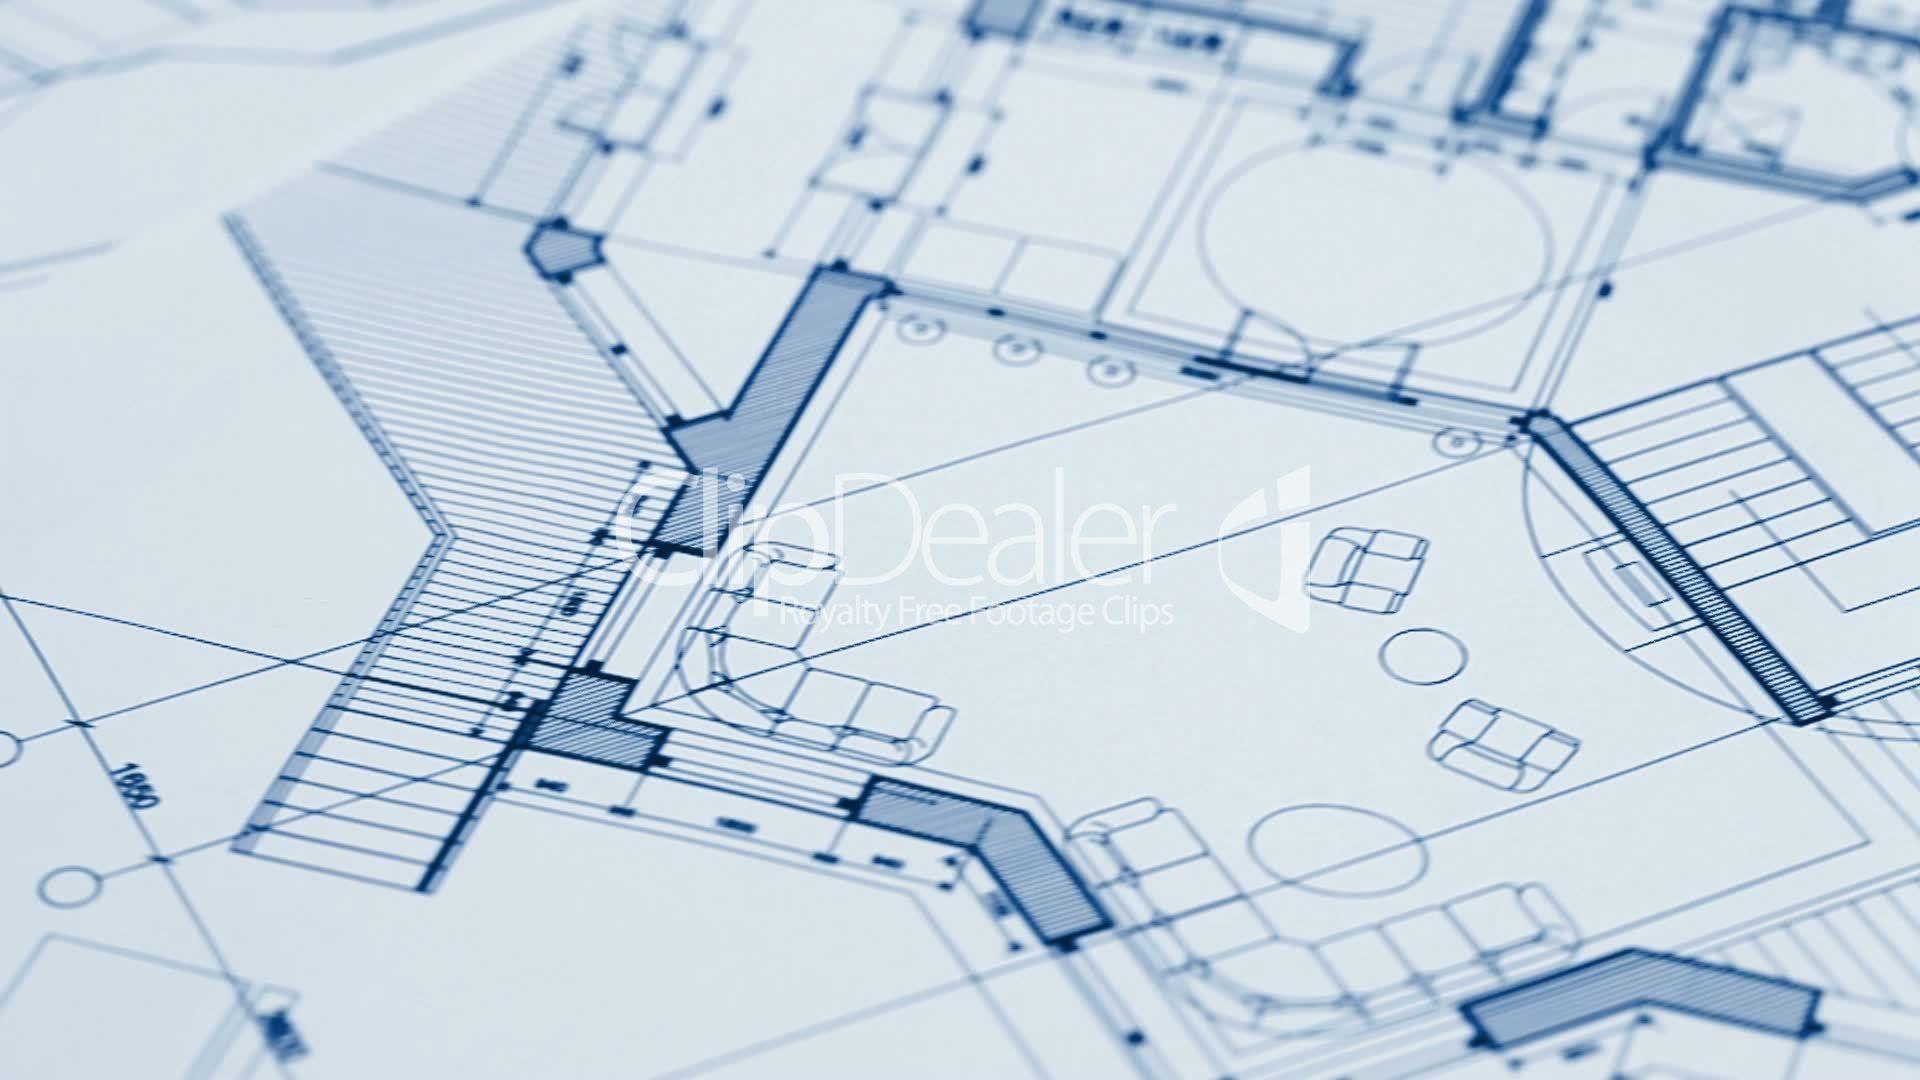 Architecture blueprints wallpaper decorating architecture wallpapers architecture blueprints wallpaper decorating architecture wallpapers malvernweather Images